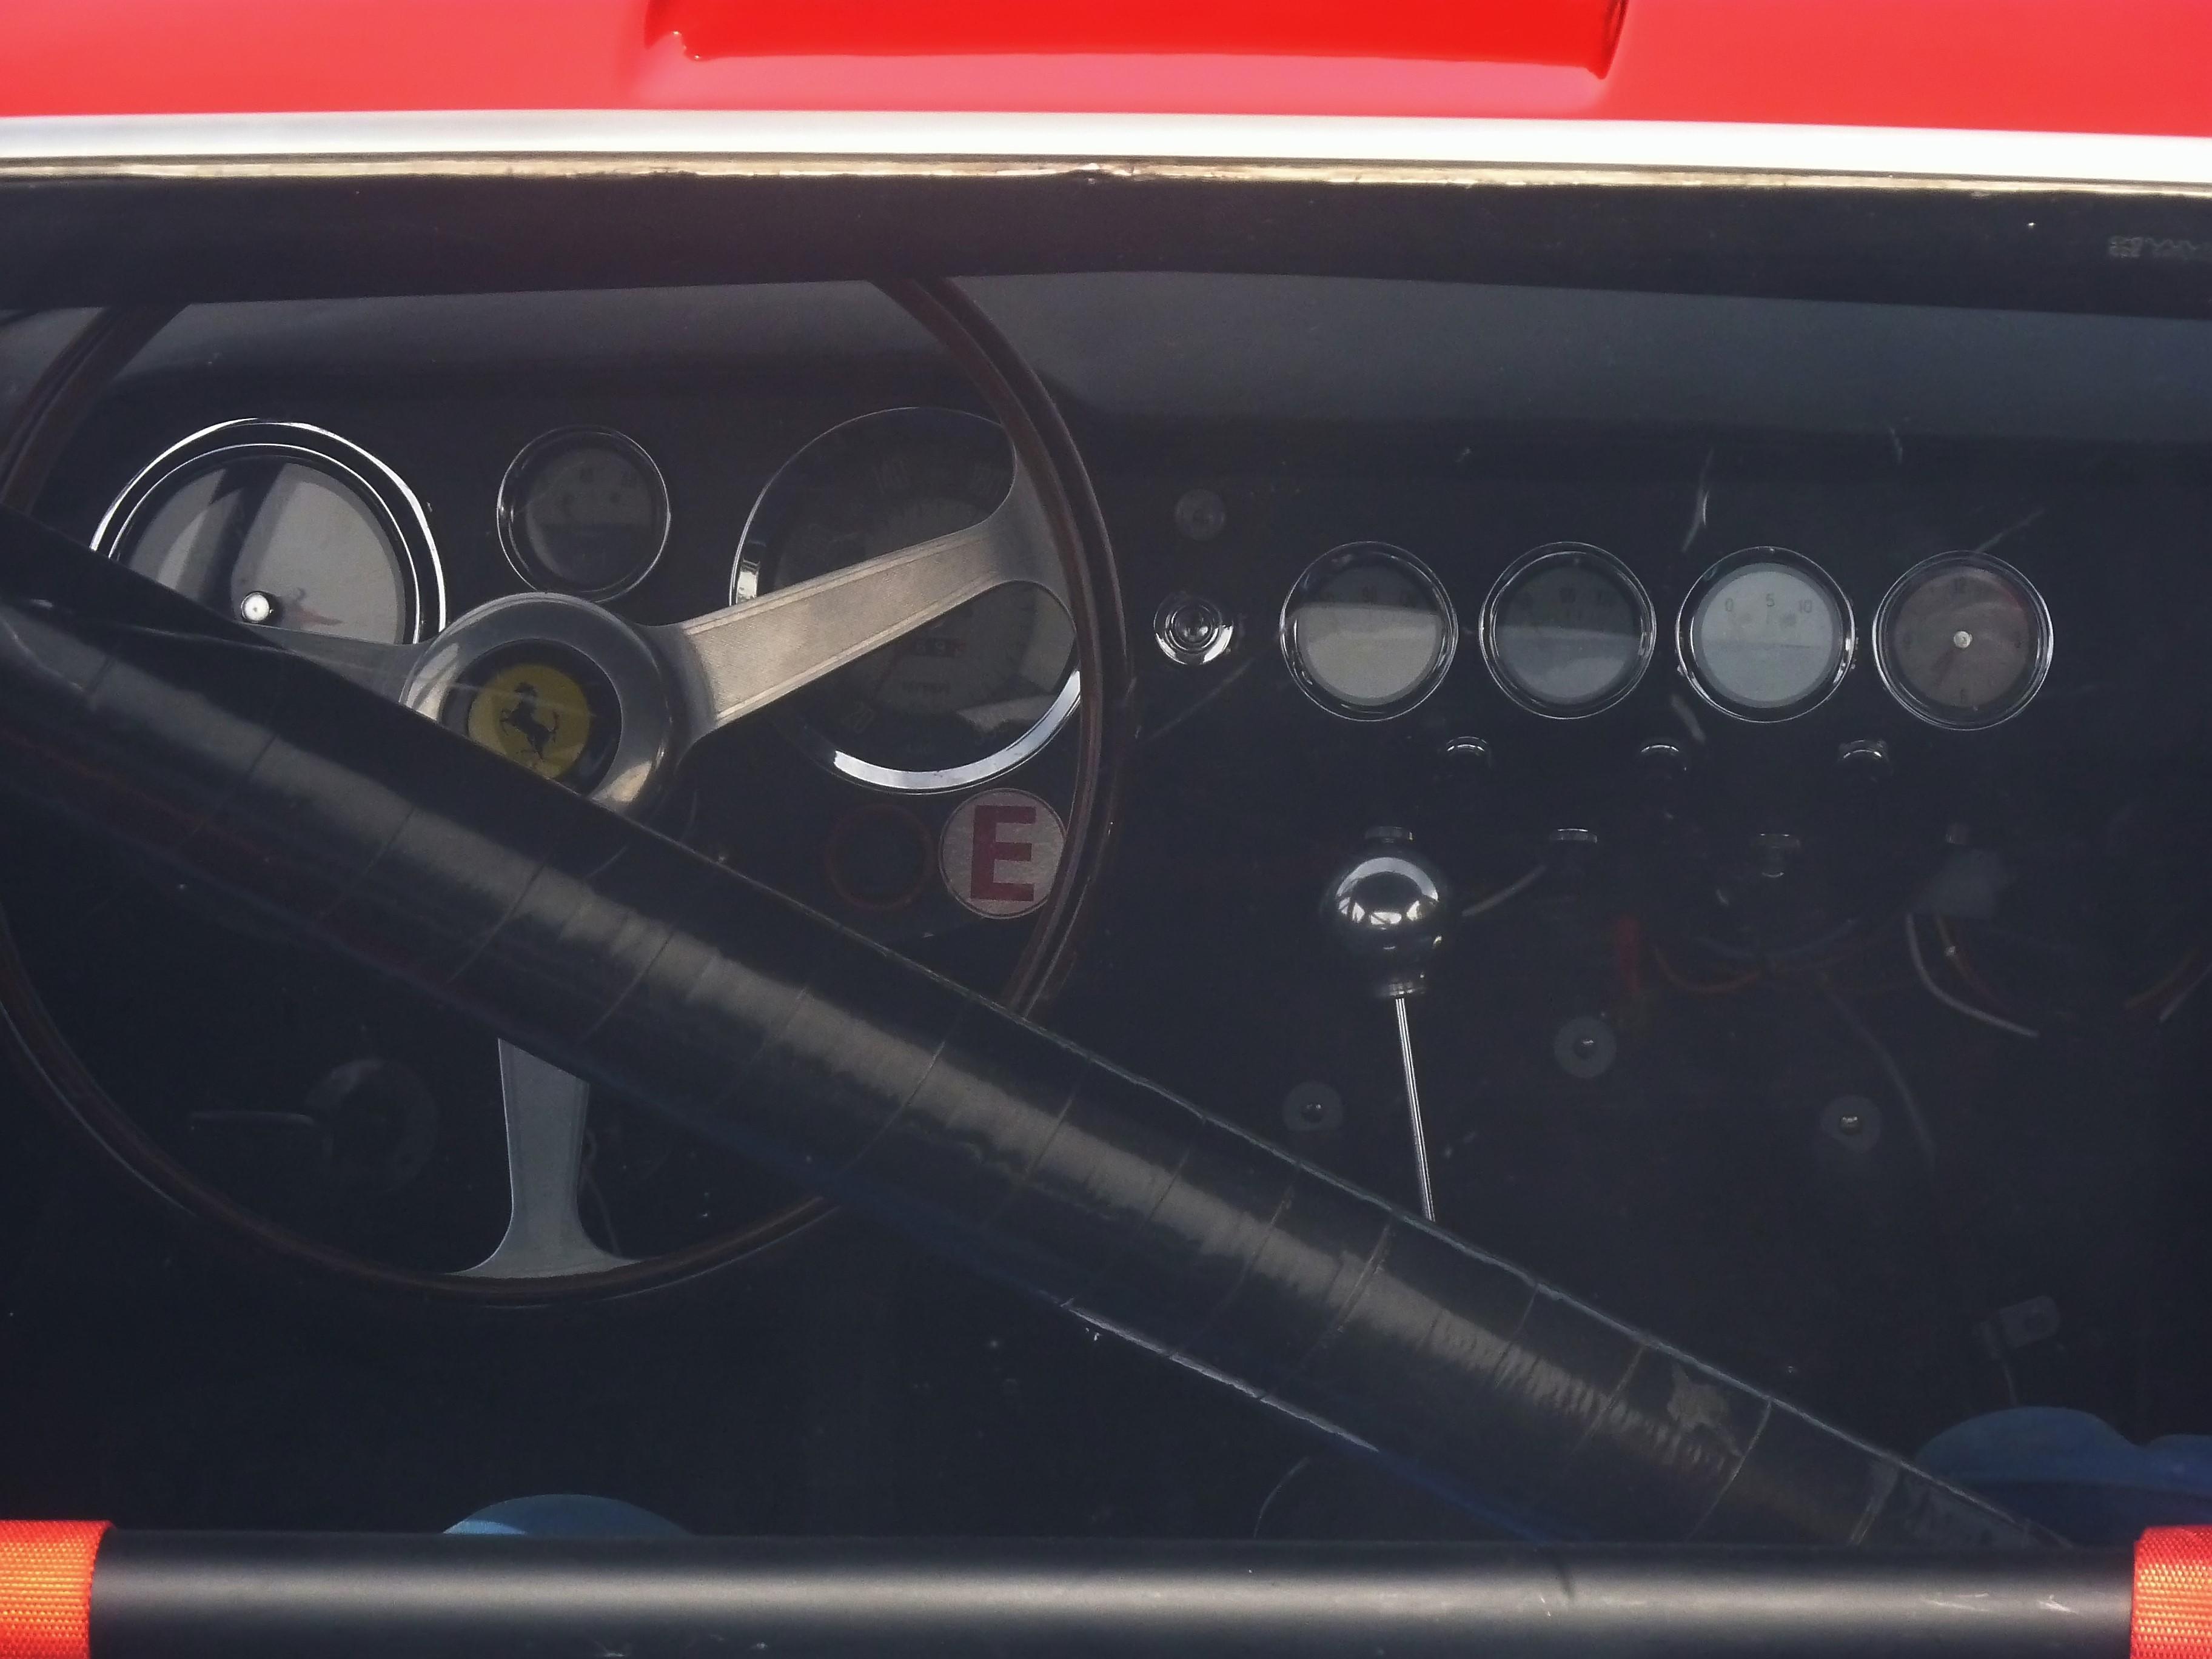 1961 Ferrari 250 GT SWB #2701 (32)_filtered